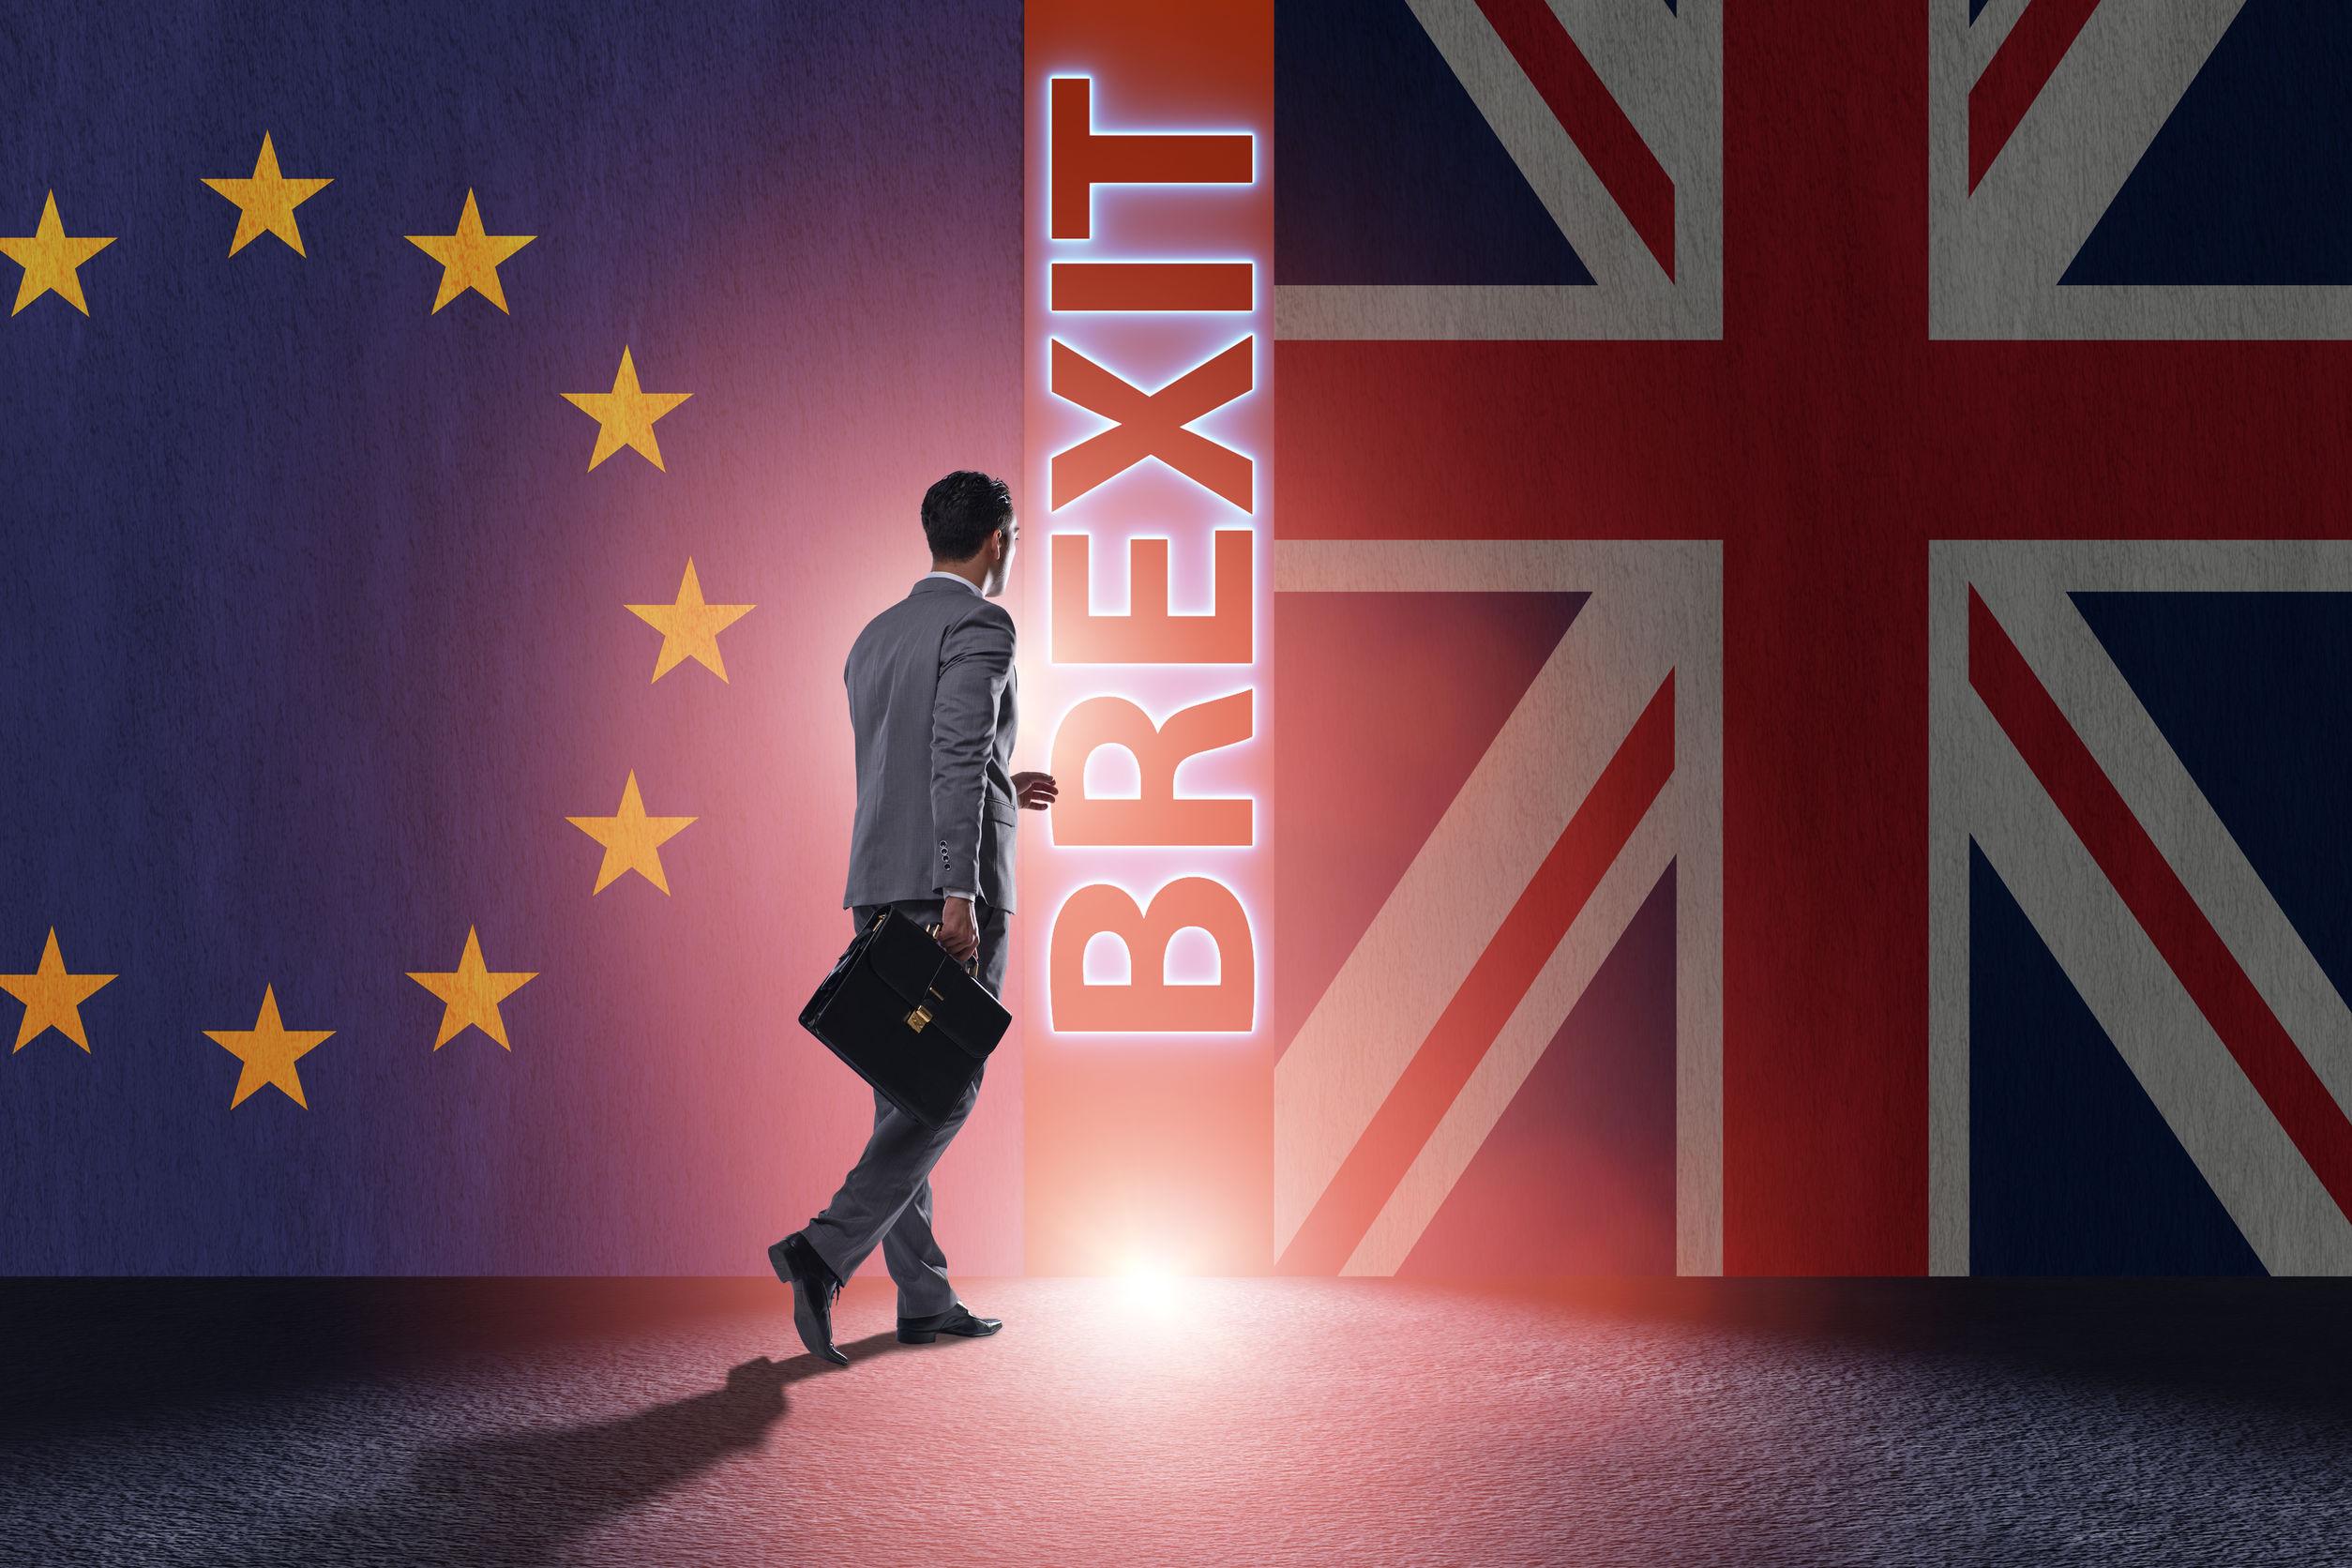 Oficiali UE evocă riscul disensiunilor în negocierile Brexit / Reuters: Irlanda şi România ar putea avea priorităţi diferite